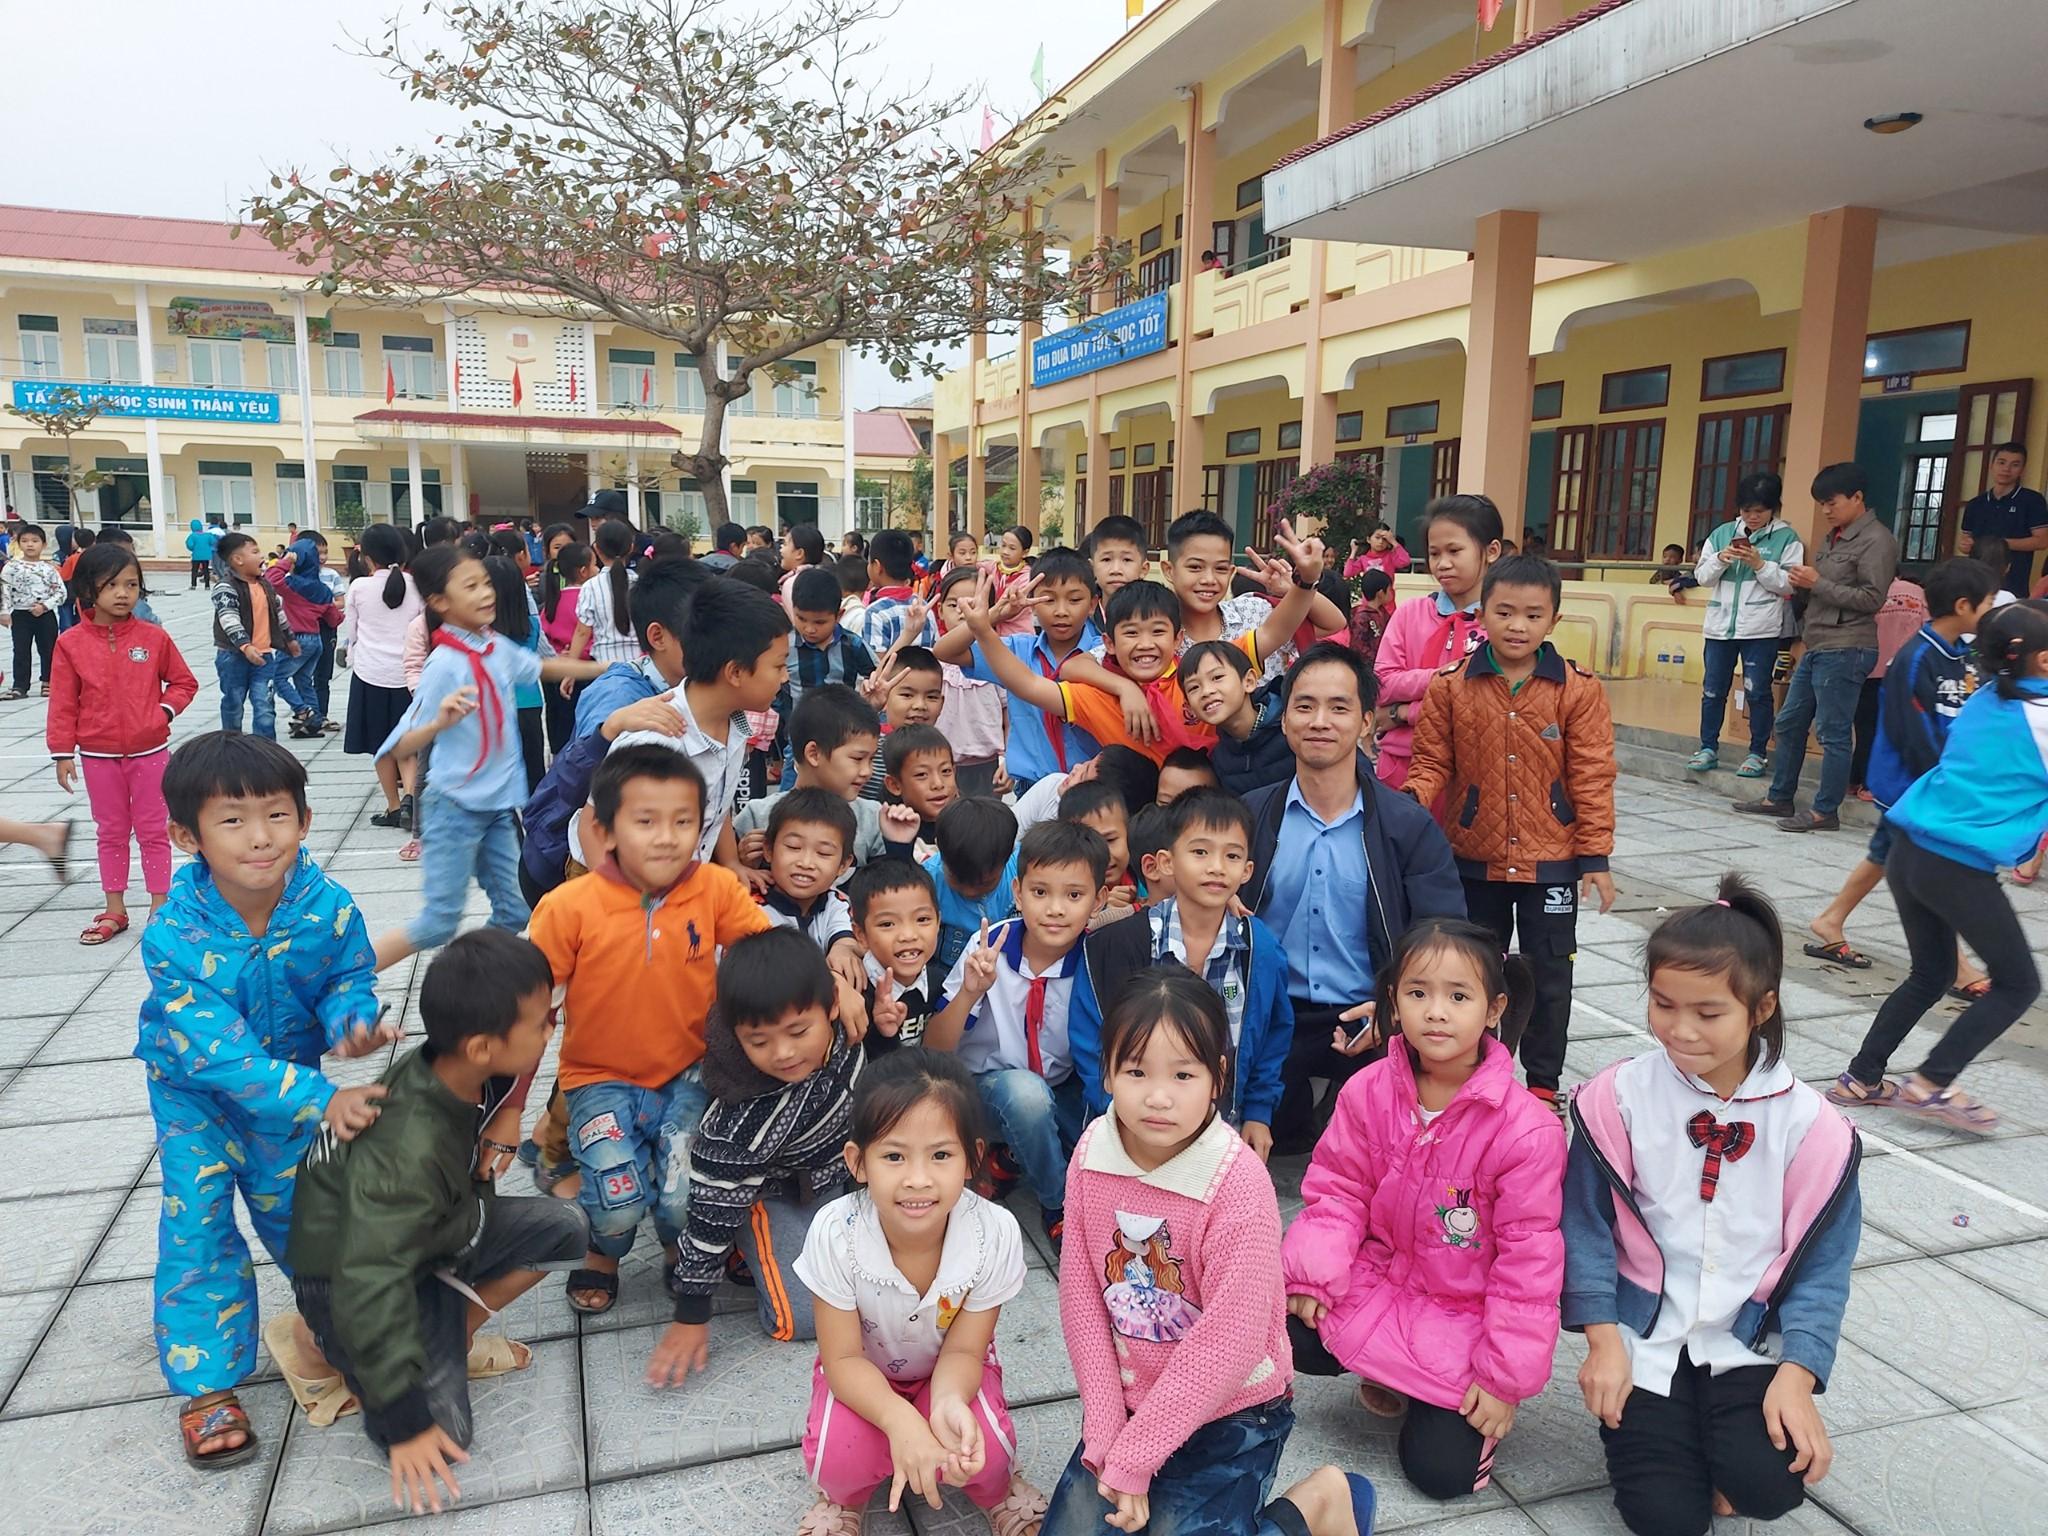 Trẻ em ở Hà Giang nhận được điều kiện học tập tốt nhất trong mùa lạnh